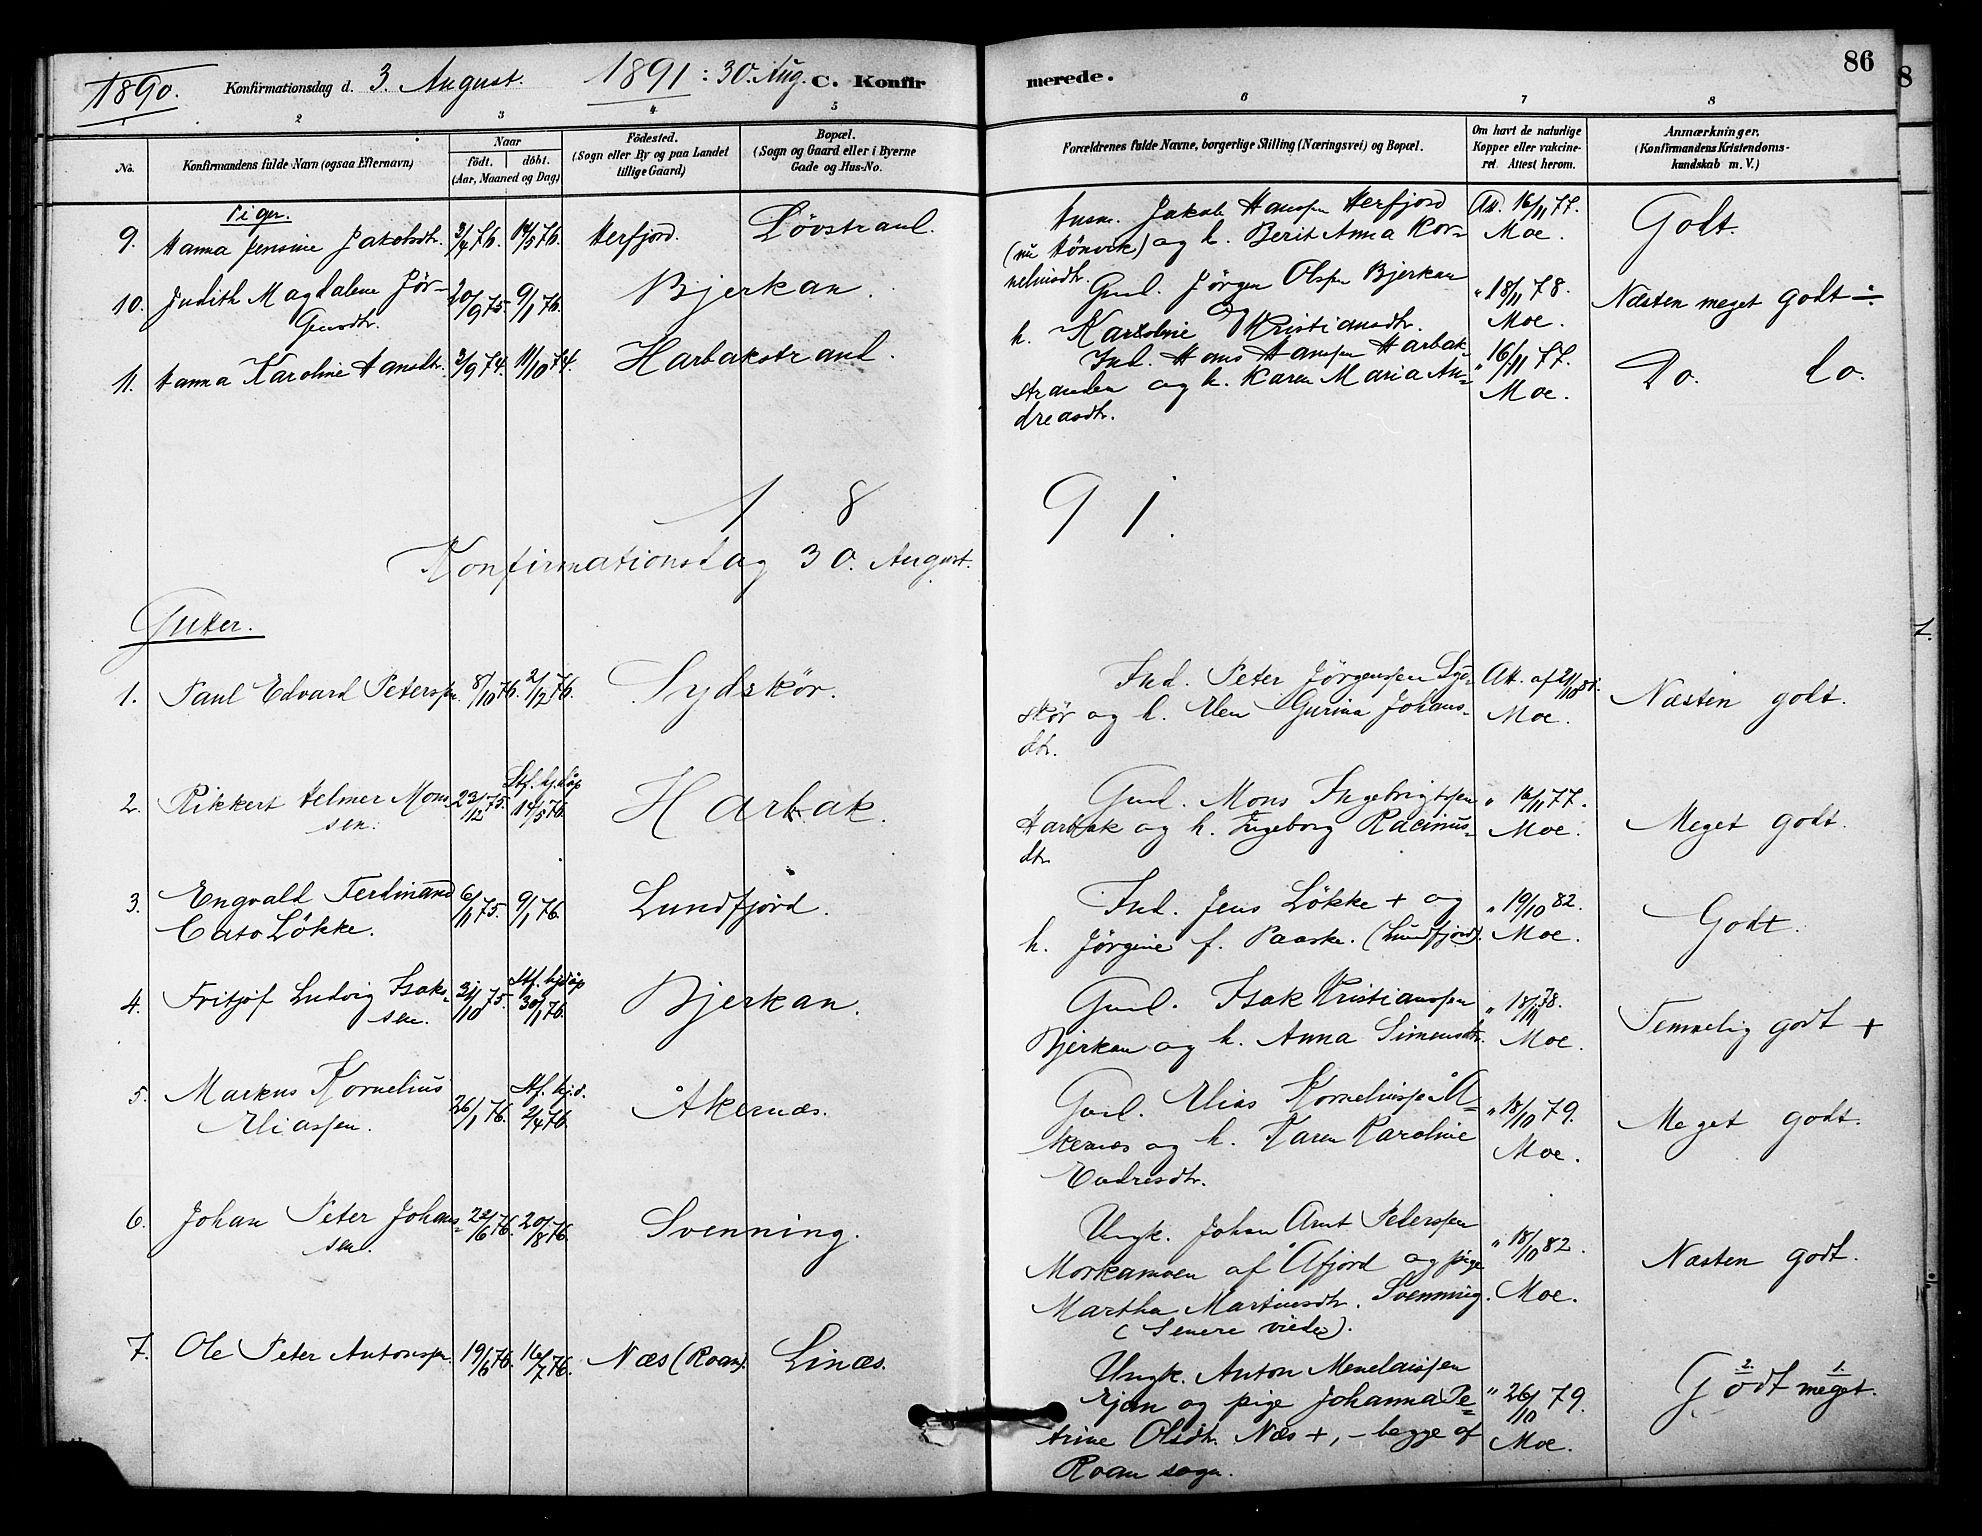 SAT, Ministerialprotokoller, klokkerbøker og fødselsregistre - Sør-Trøndelag, 656/L0692: Ministerialbok nr. 656A01, 1879-1893, s. 86